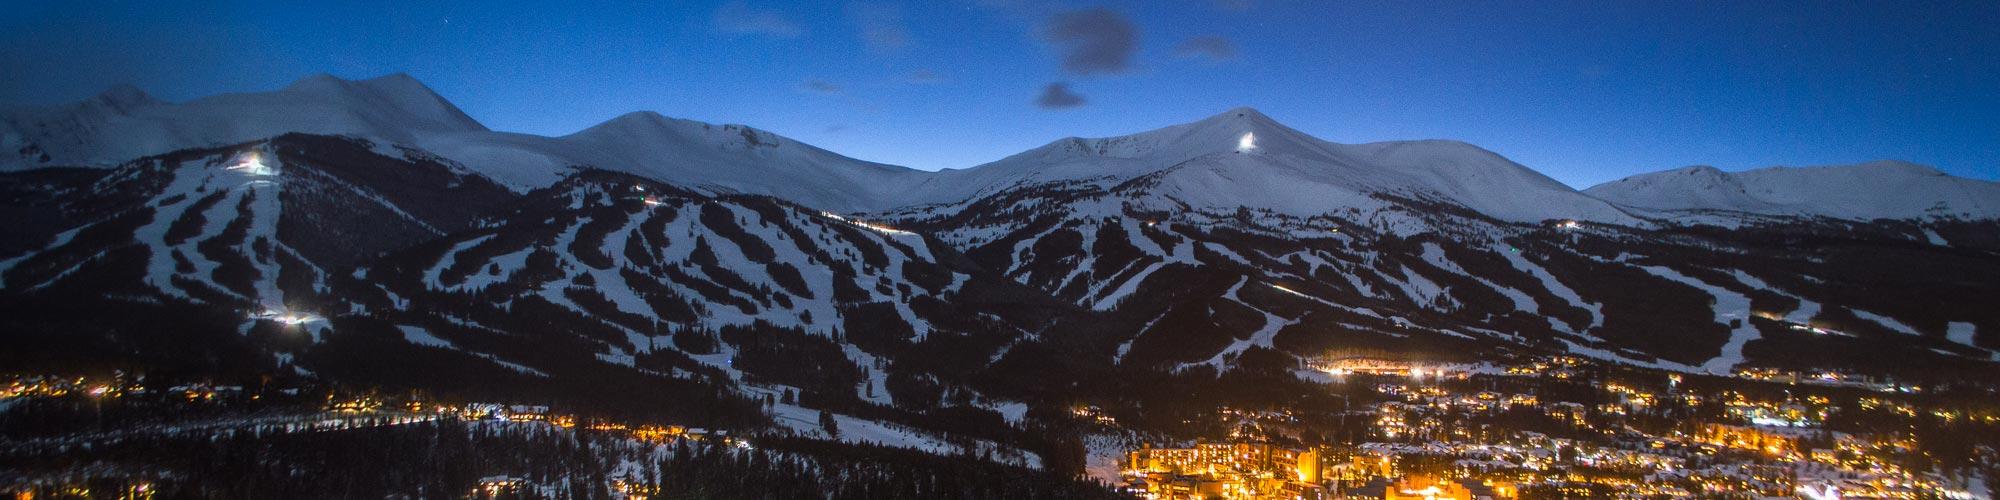 Breckenridge Ski Reosrt